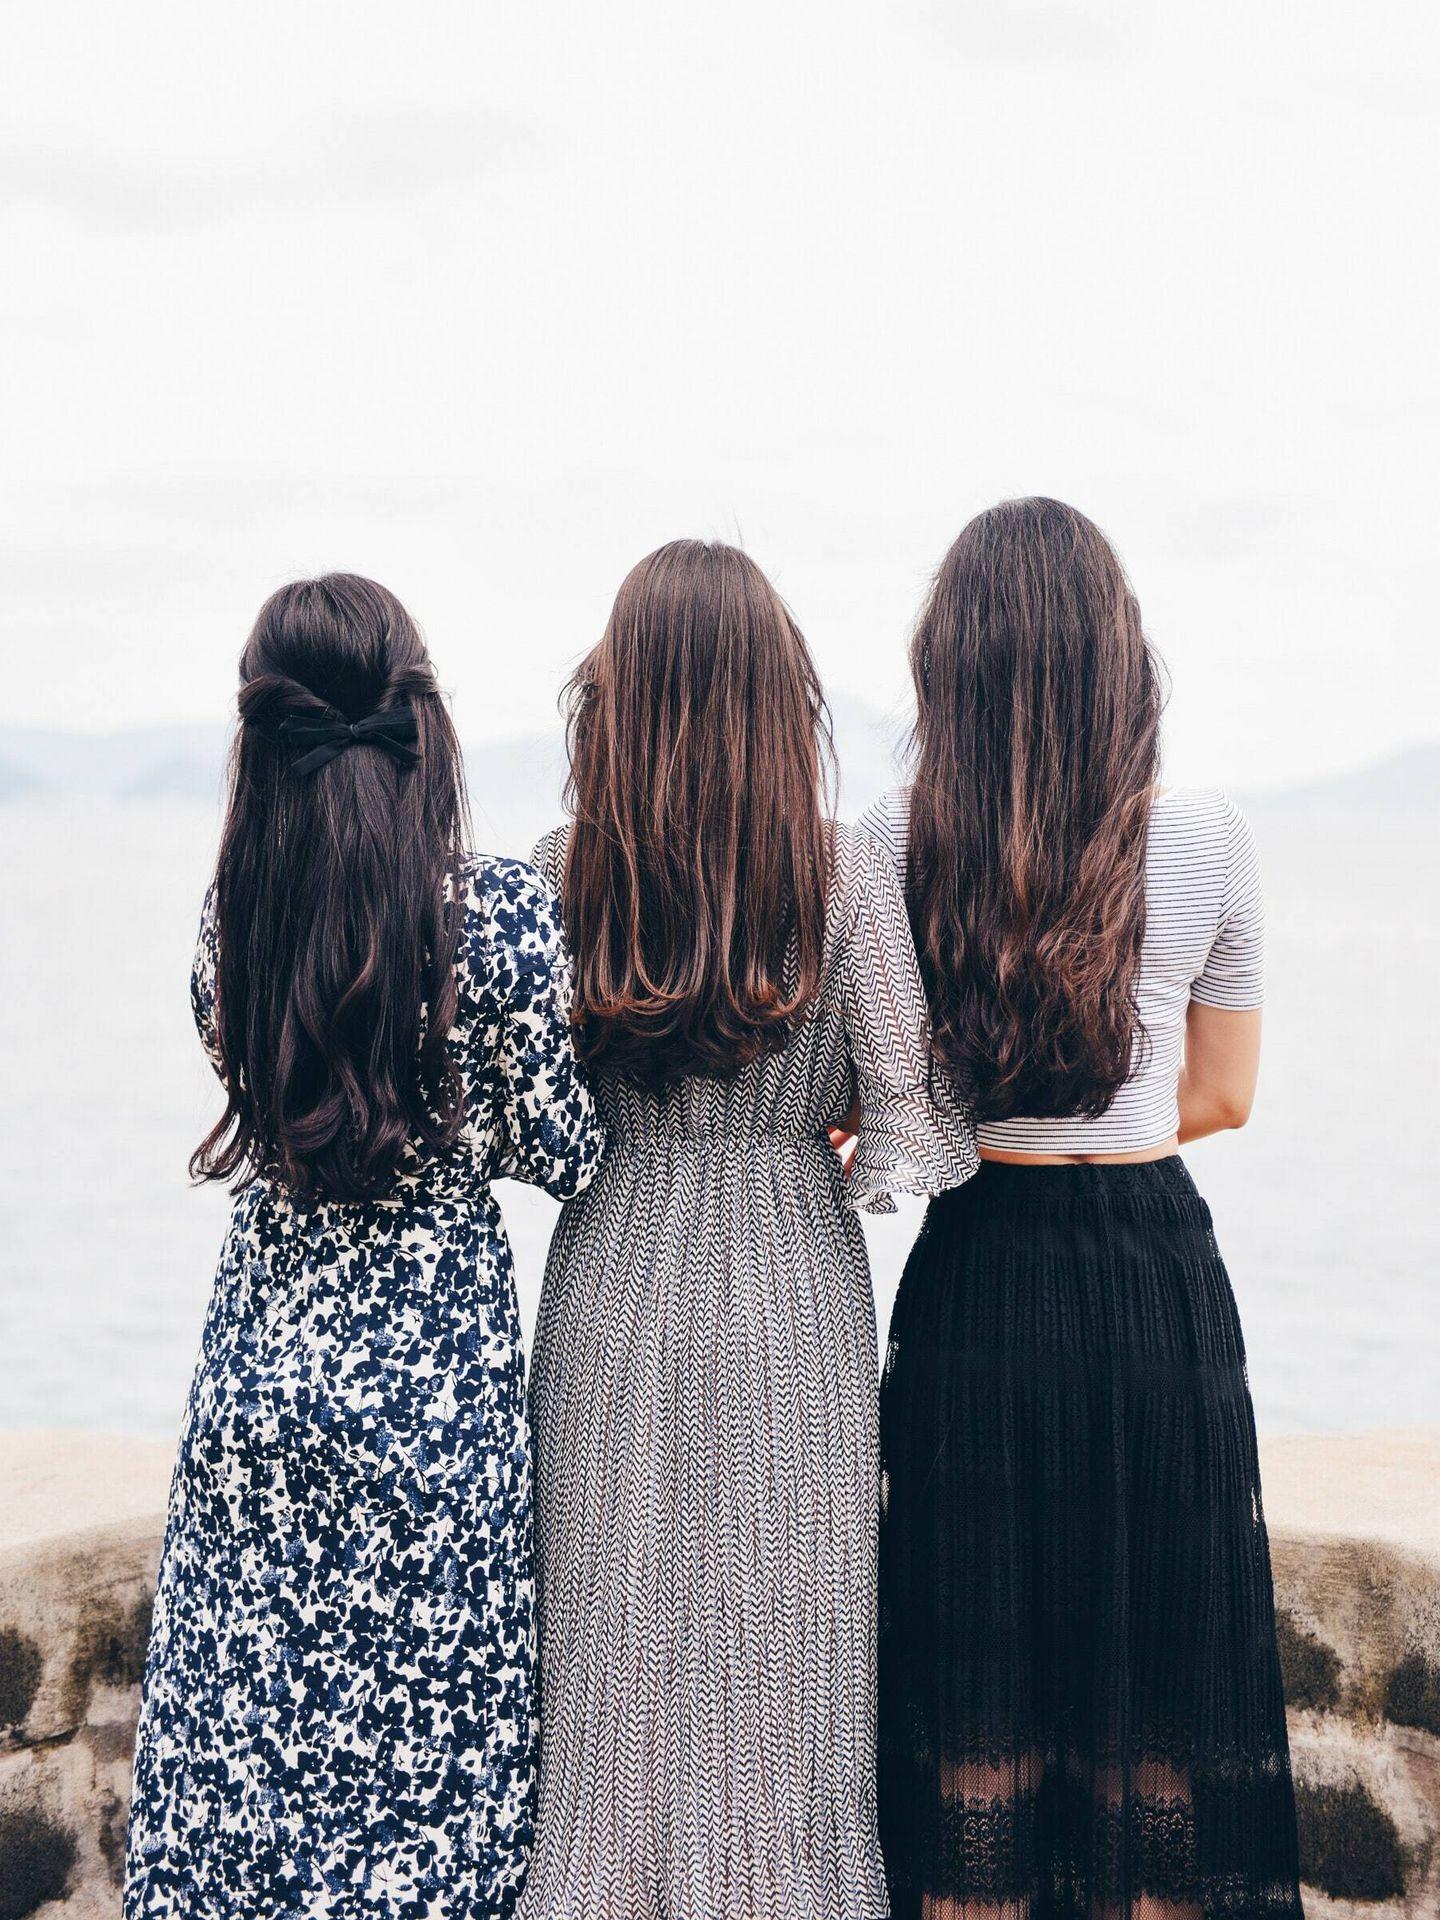 Renovar completamente la cabellera supone alrededor de cuatro años. (Suhyeon Choi para Unsplash)